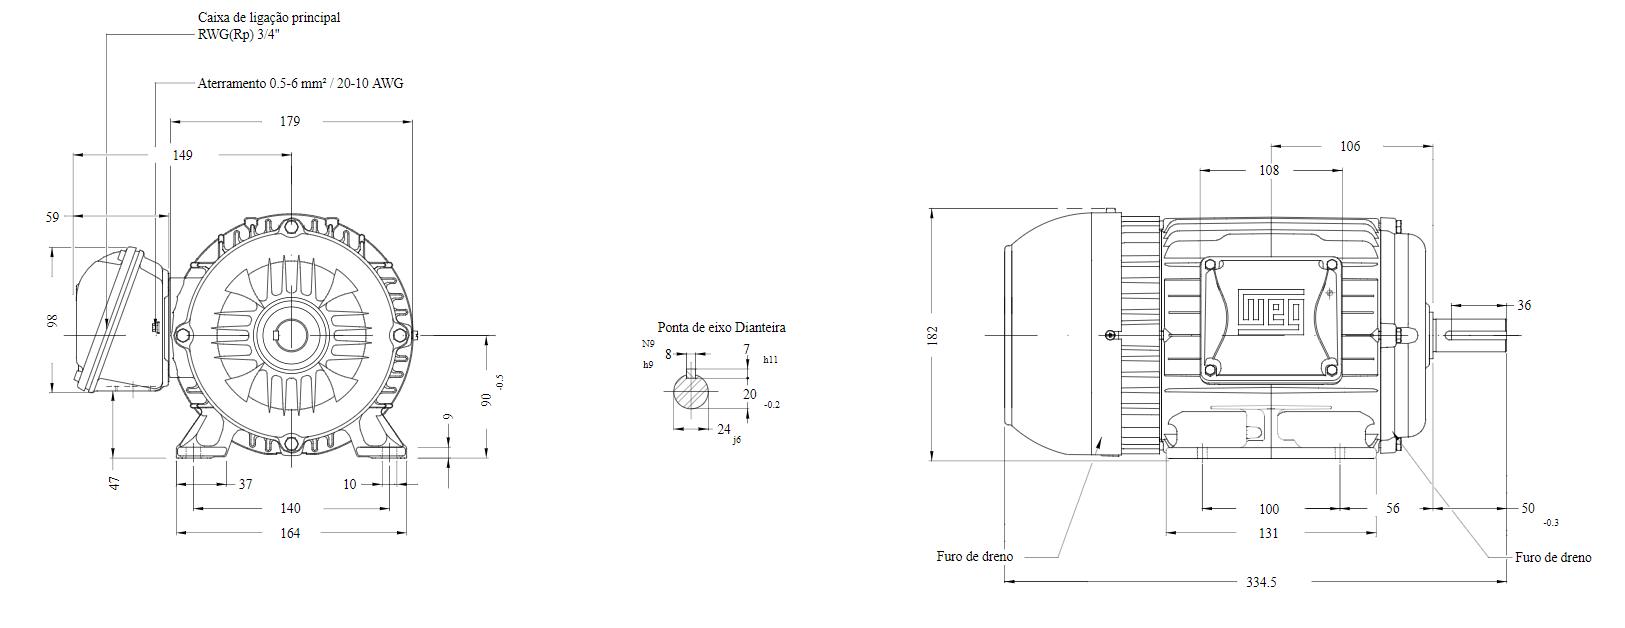 Motor elétrico Weg W22 IR3 Premium 2cv 4P 90 3F 220/380 V 60 Hz IC411 - TFVE - B3D